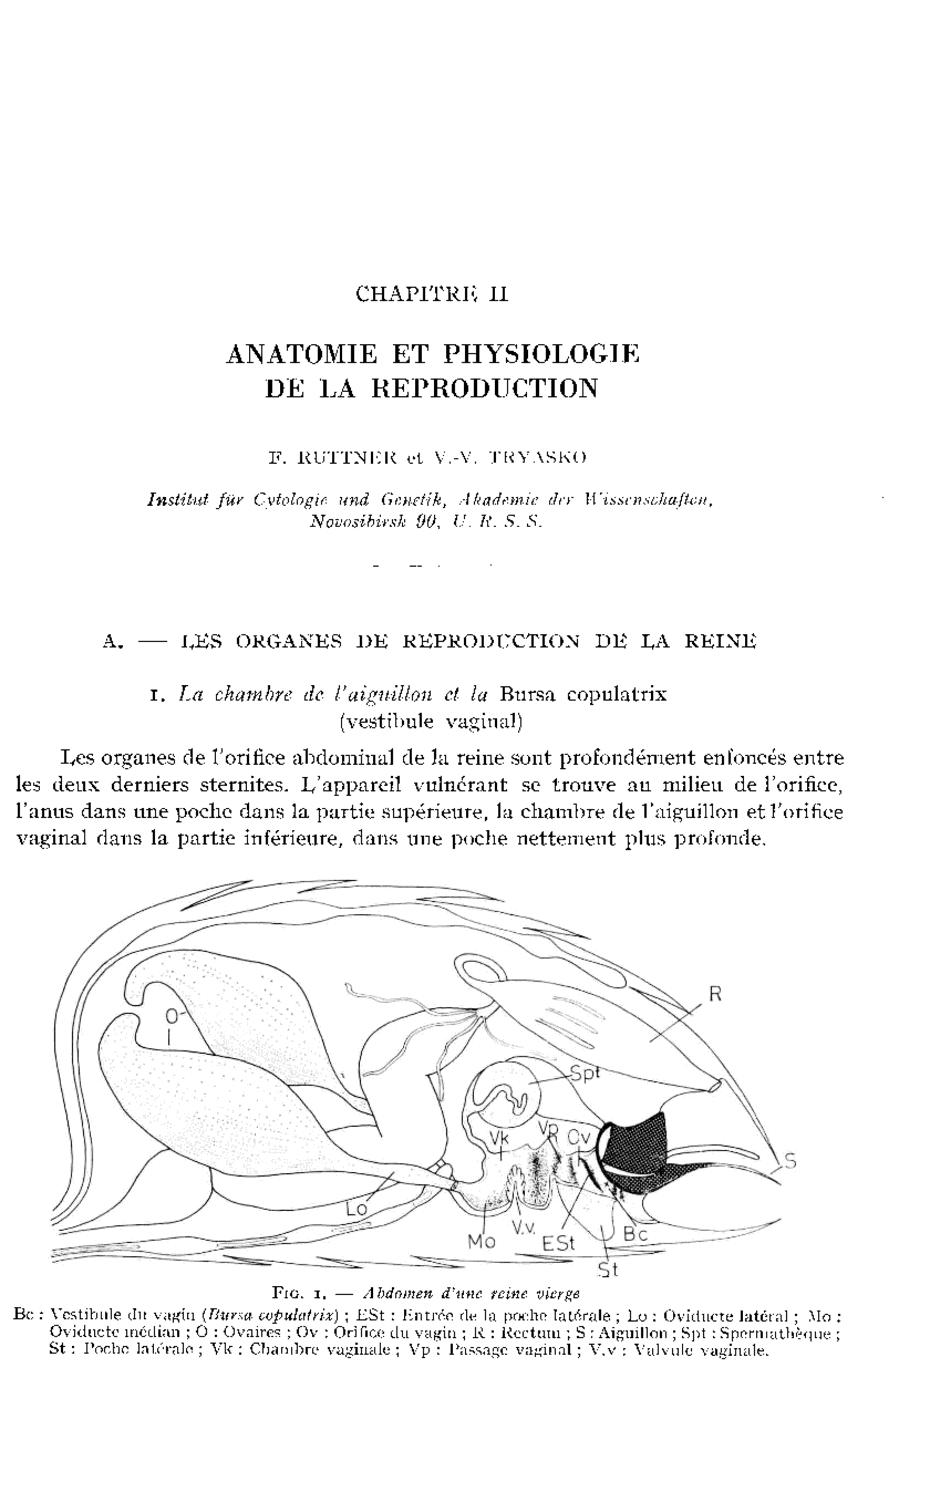 CHAPITRE II : ANATOMIE ET PHYSIOLOGIE DE LA REPRODUCTION | Apidologie